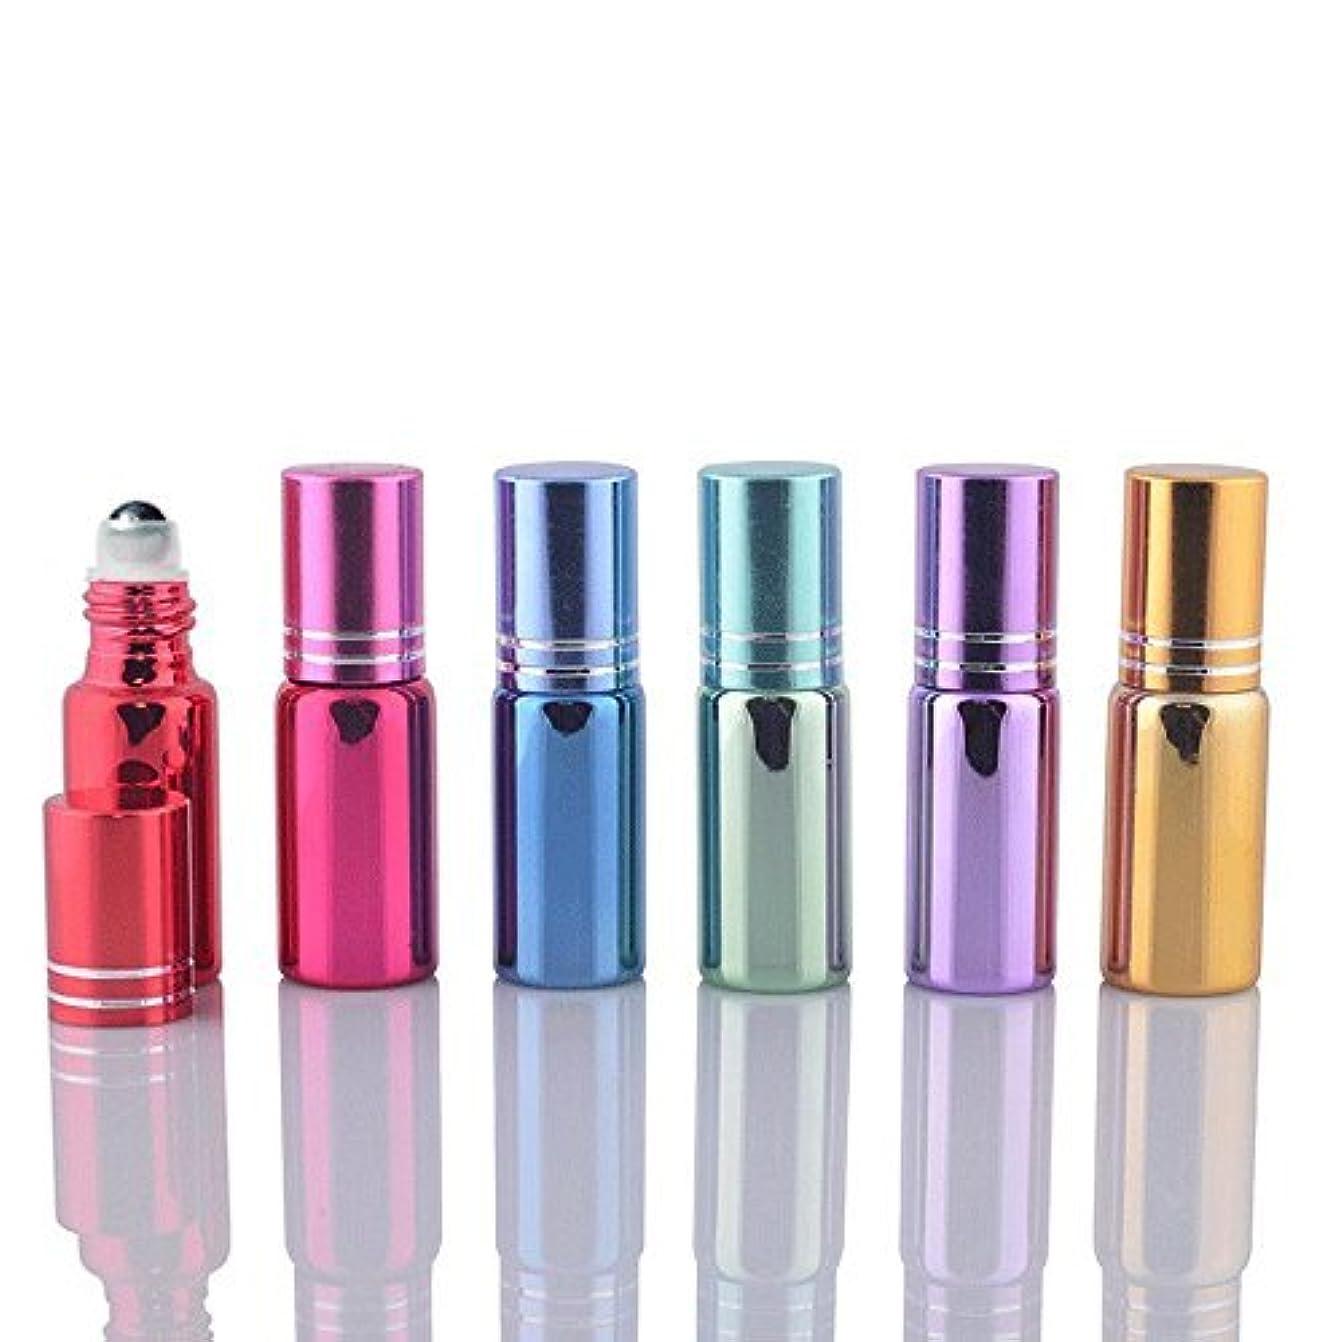 くつろぎ失態評価6 Sets Assorted 5ml UV Coated Glass Roller Ball Rollon Bottles Grand Parfums Refillable Glass Bottles with Stainless...